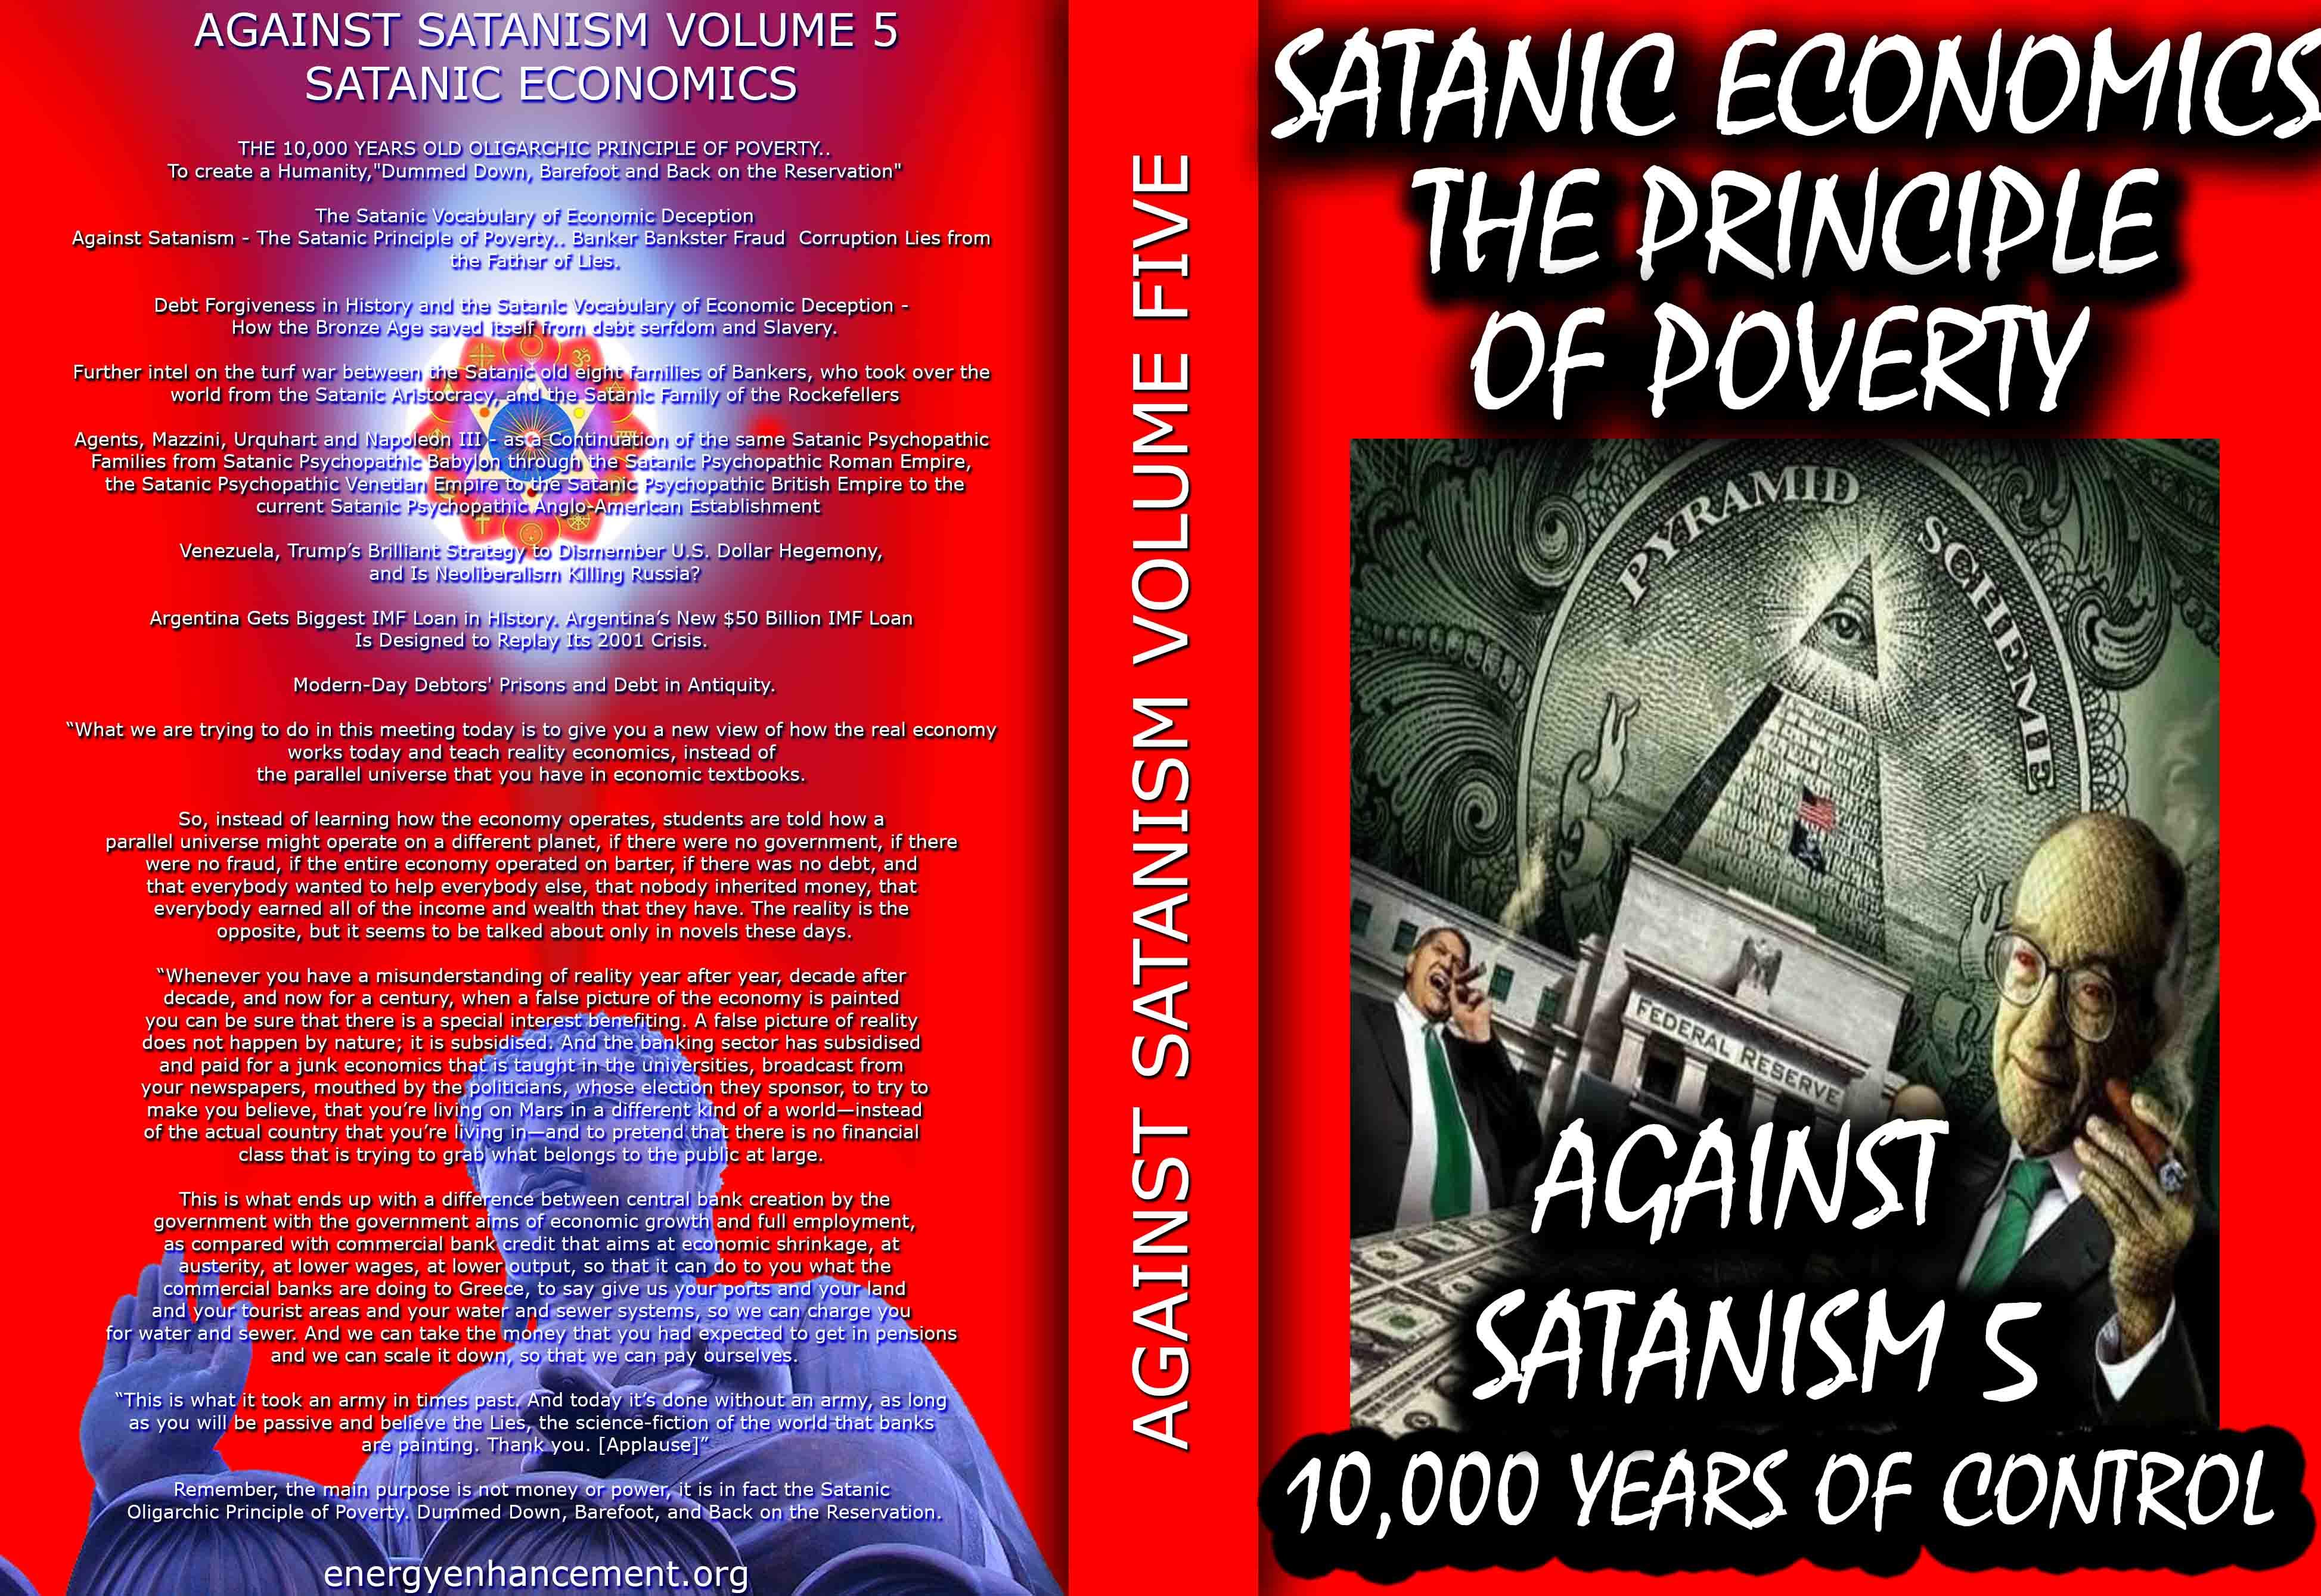 Description: Description: C:\wnew\Sacred-Energy\Against-Satanism-Volume-5\against-satanism-vol5.jpg